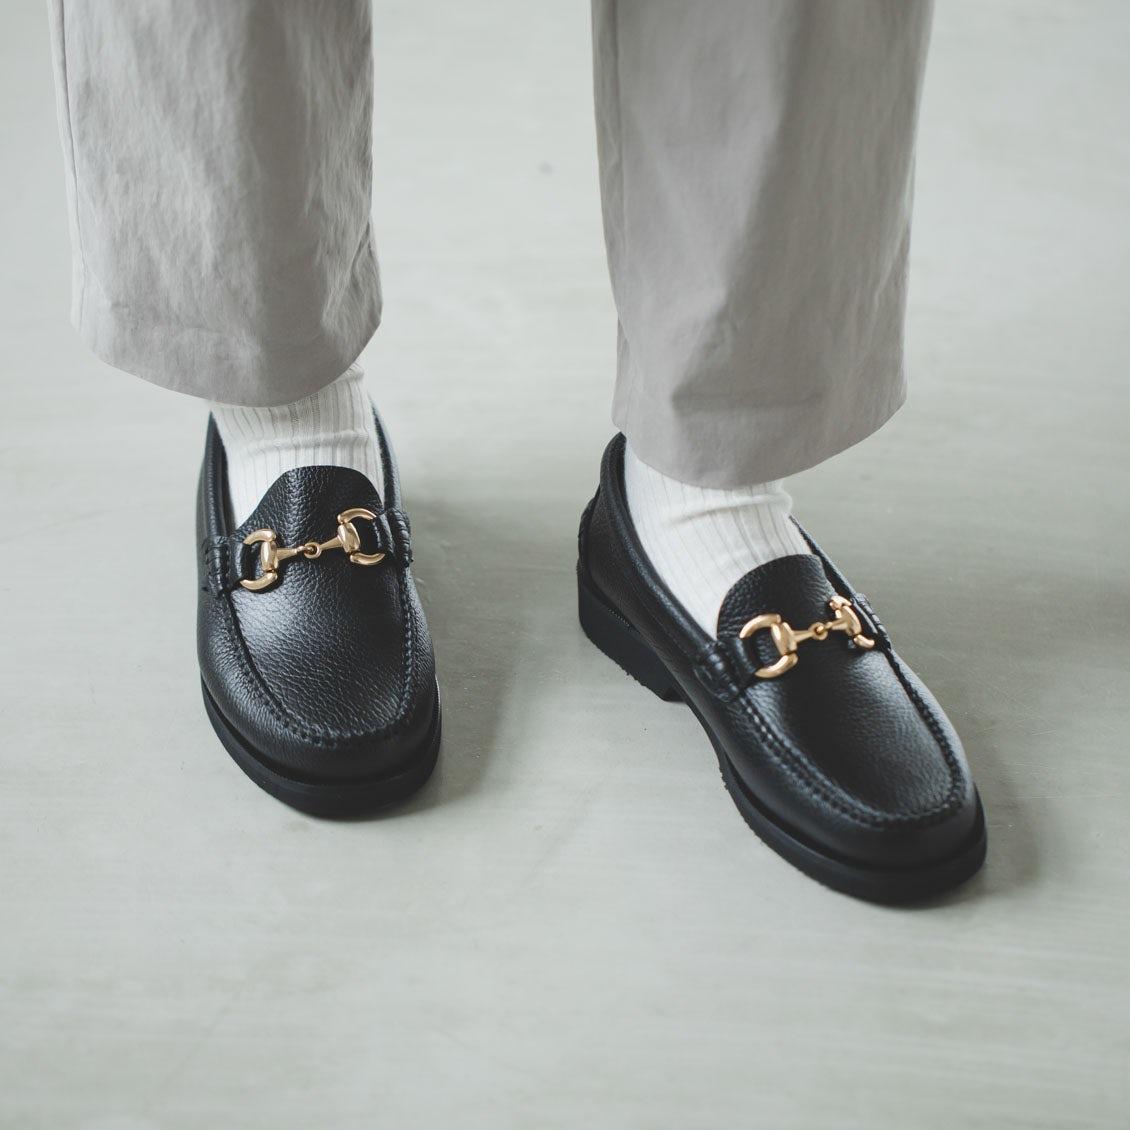 【新商品】スニーカーのように履ける、スペイン生まれの柔らかいローファーの登場です!